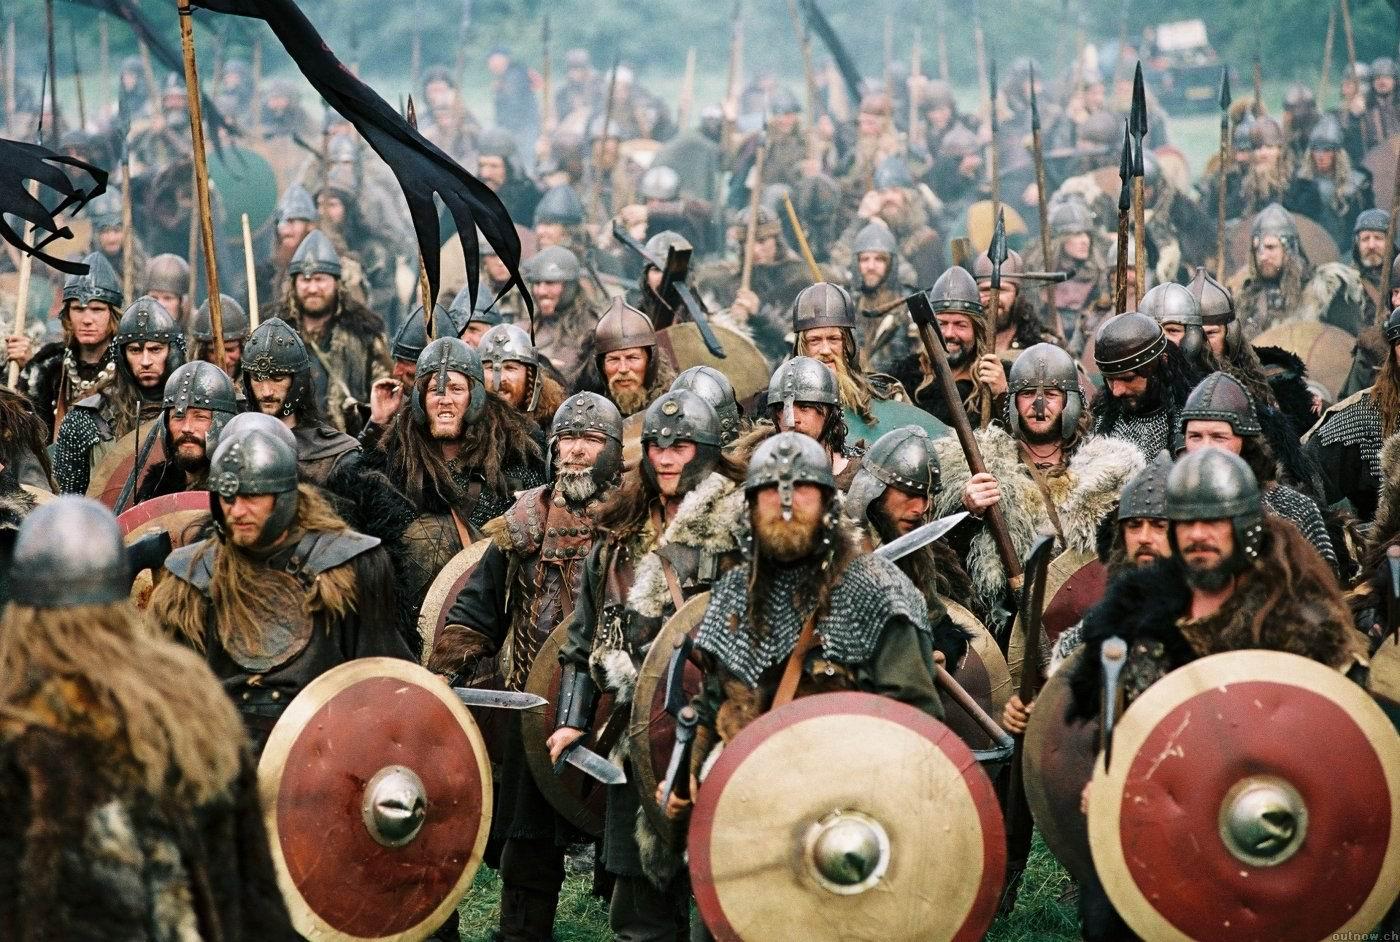 Wrath of the Awakened Saxon